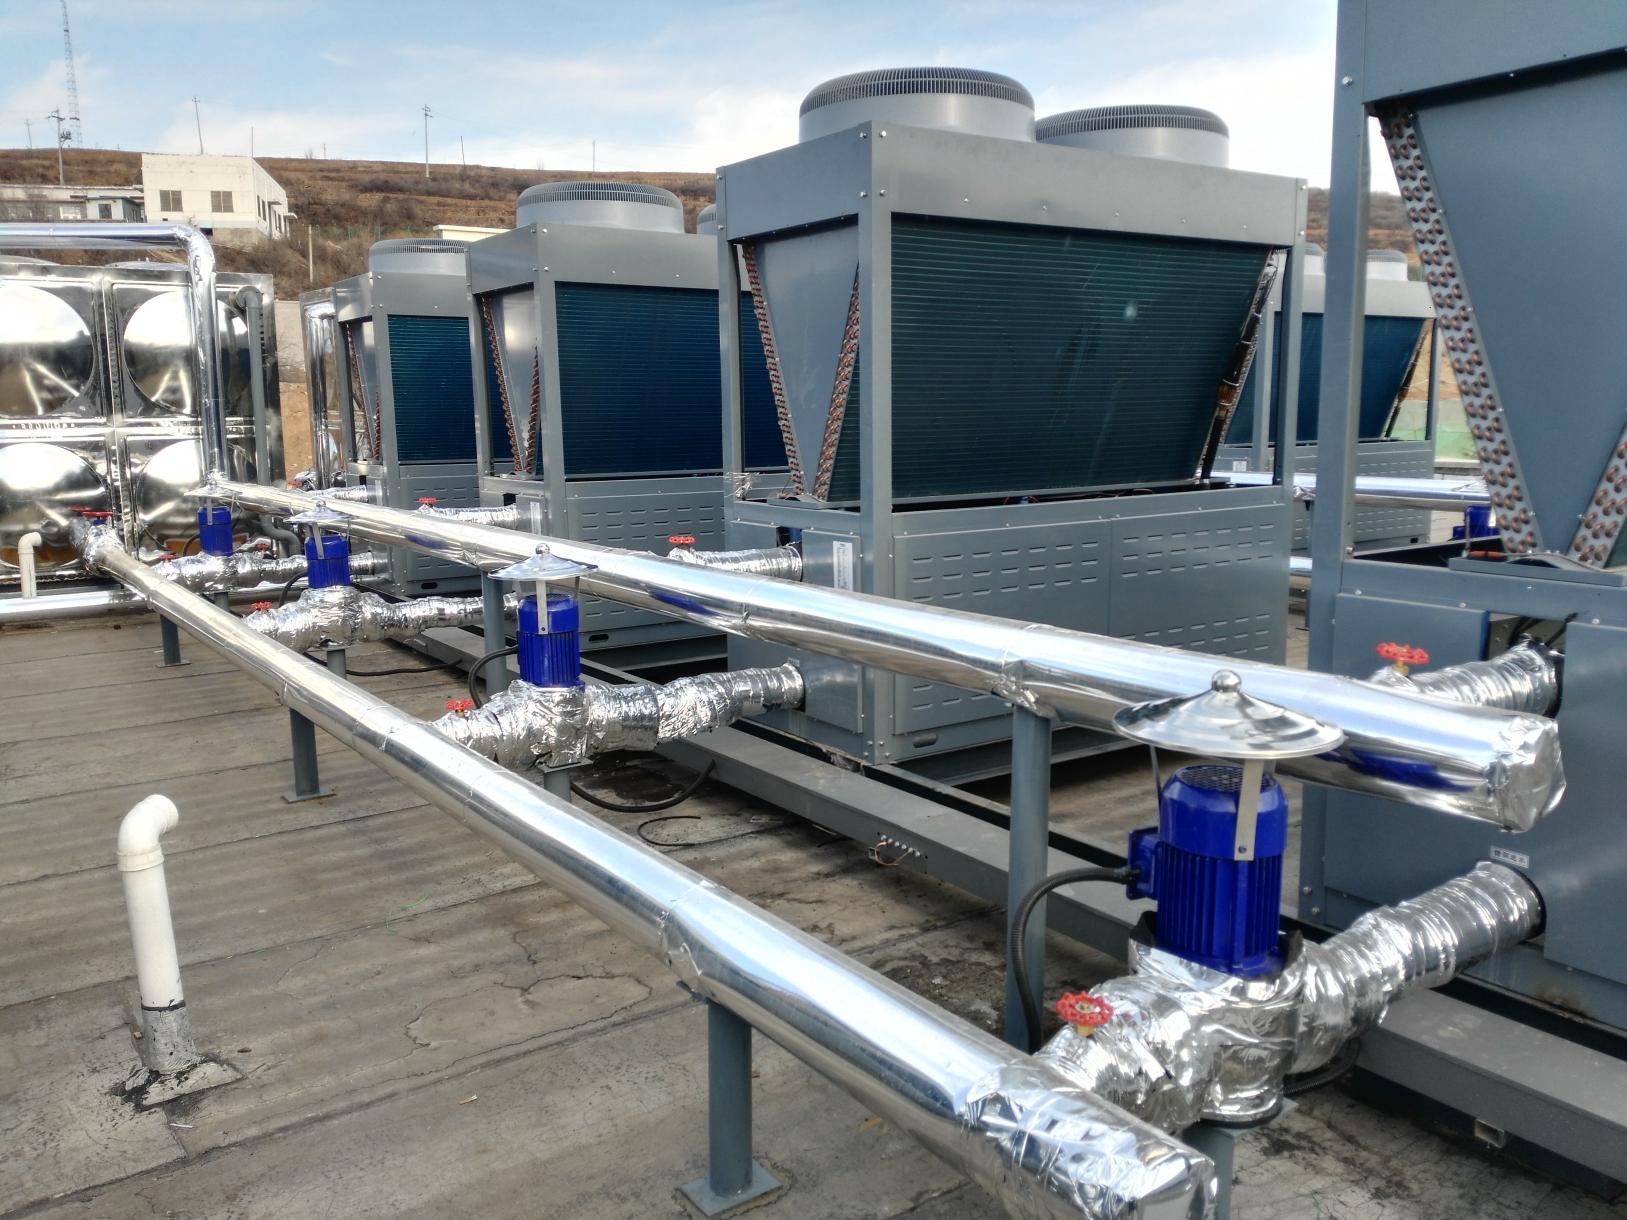 山西晋城某煤矿项目采用万家乐空气源热泵供暖洗浴,一年节省电费近7万元!